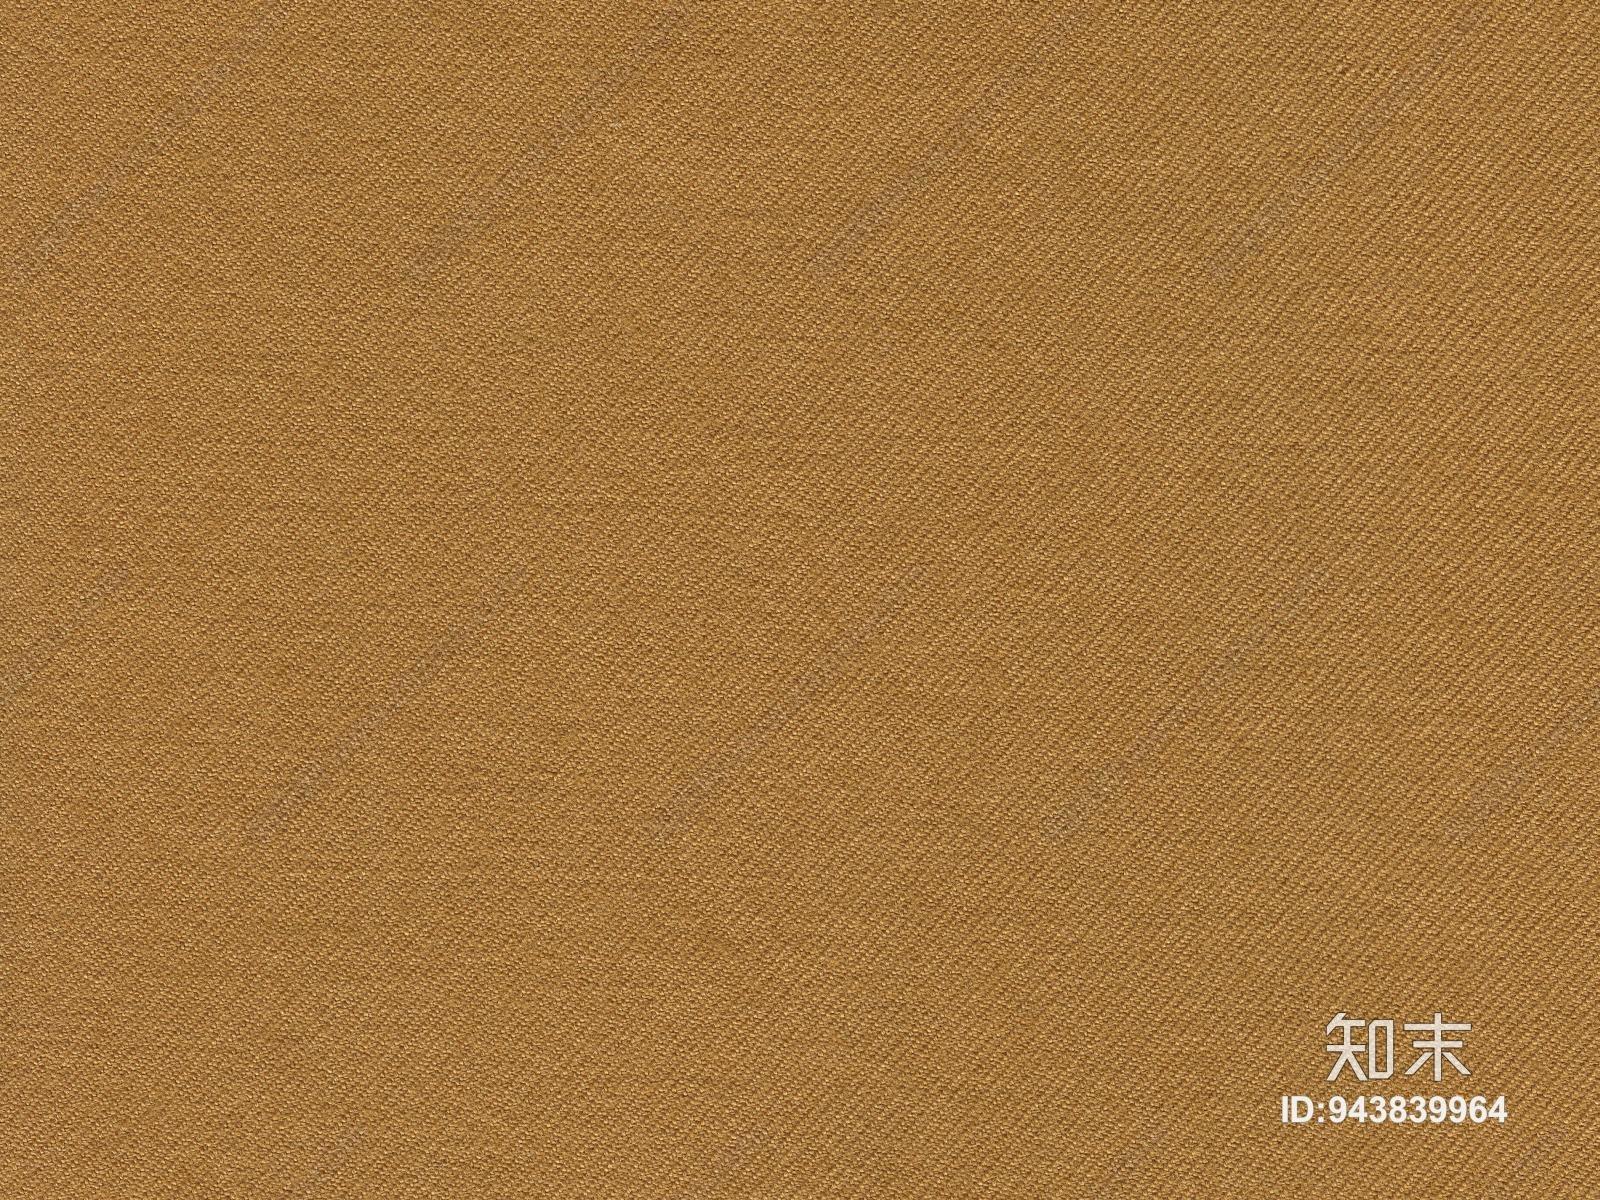 咖啡色布纹贴图_现代纯色黄色棕色咖啡色布纹壁纸贴图下载【ID:943839964】_现代 ...